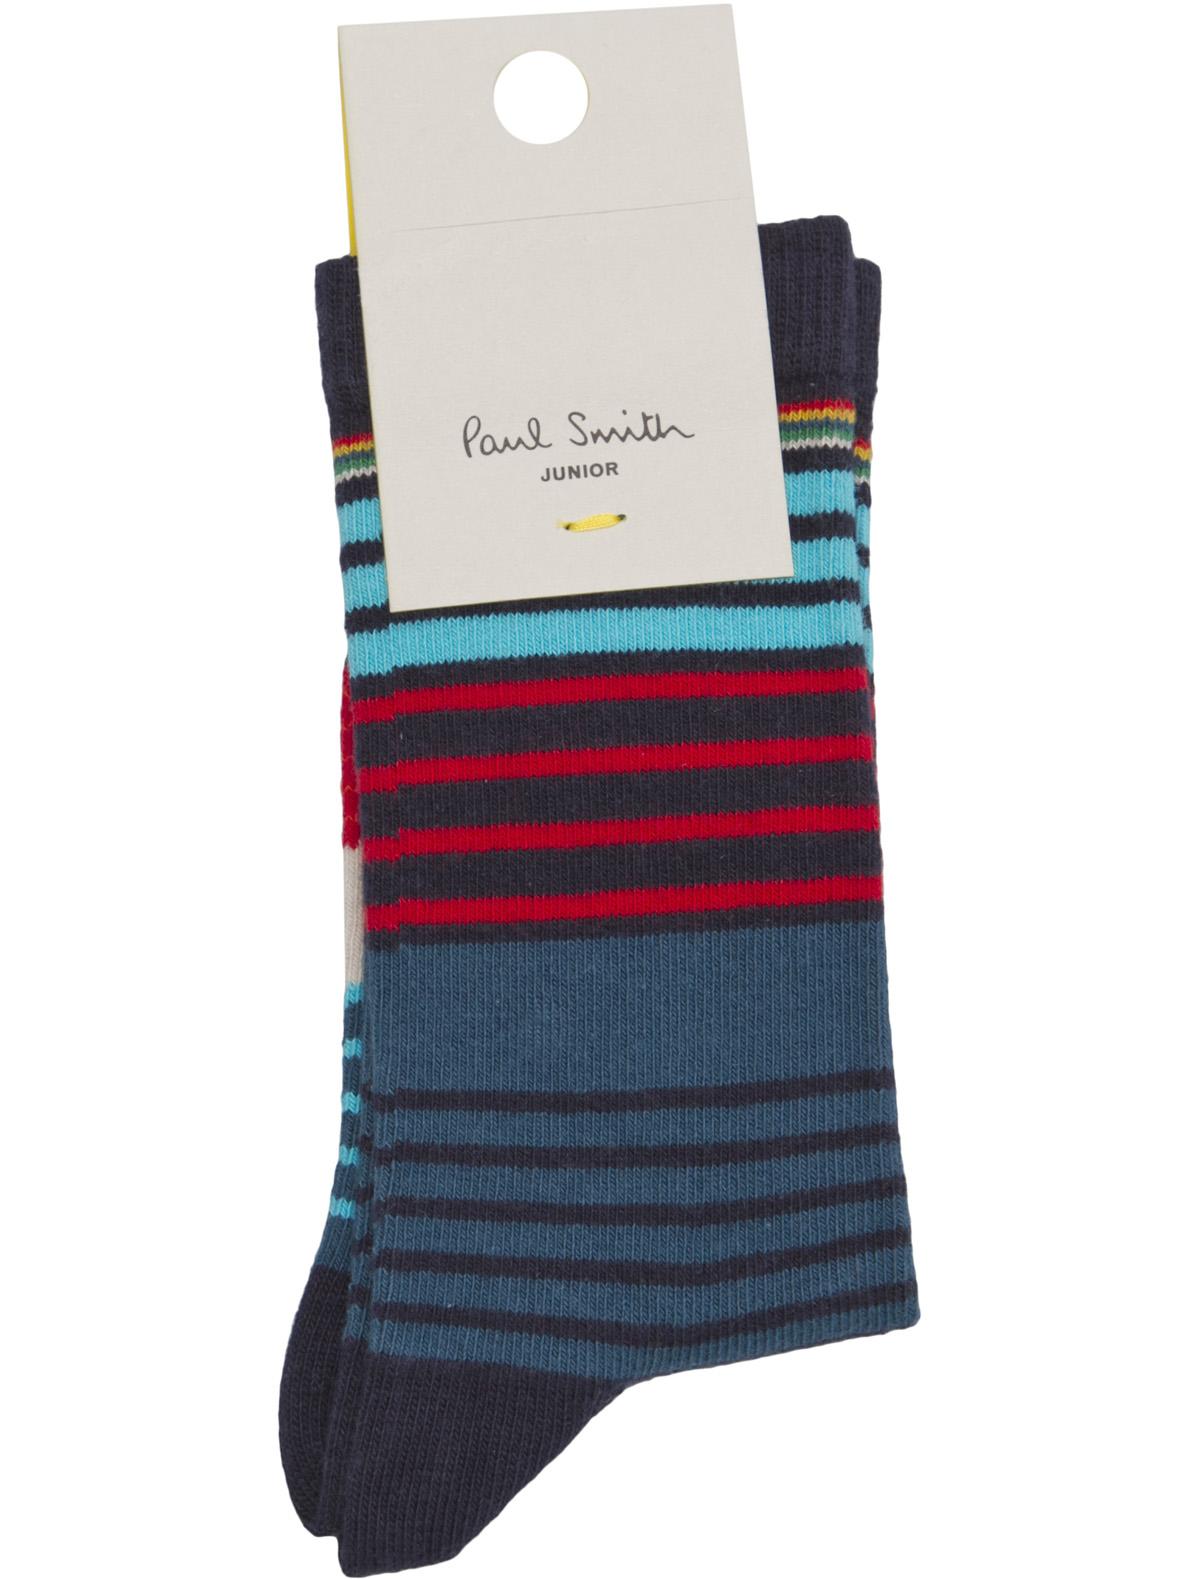 Купить 1910479, Носки Paul Smith Junior, разноцветный, Мужской, 1533819570024